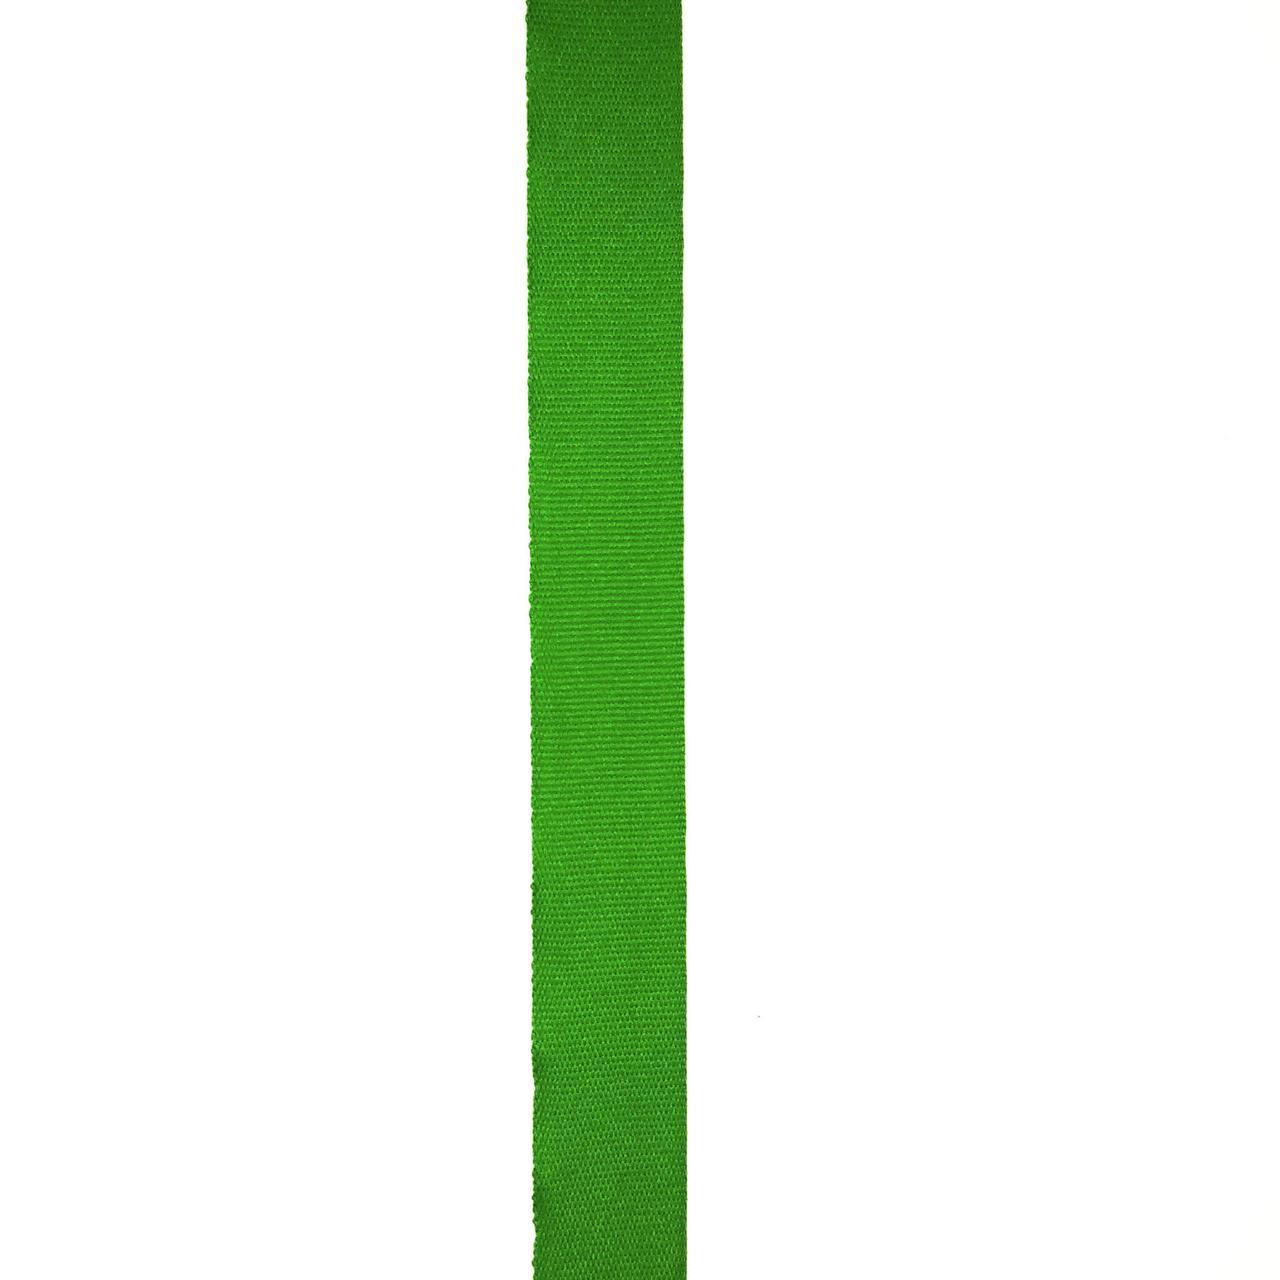 Шляпная лента 20 мм ( 50 м/рулон)